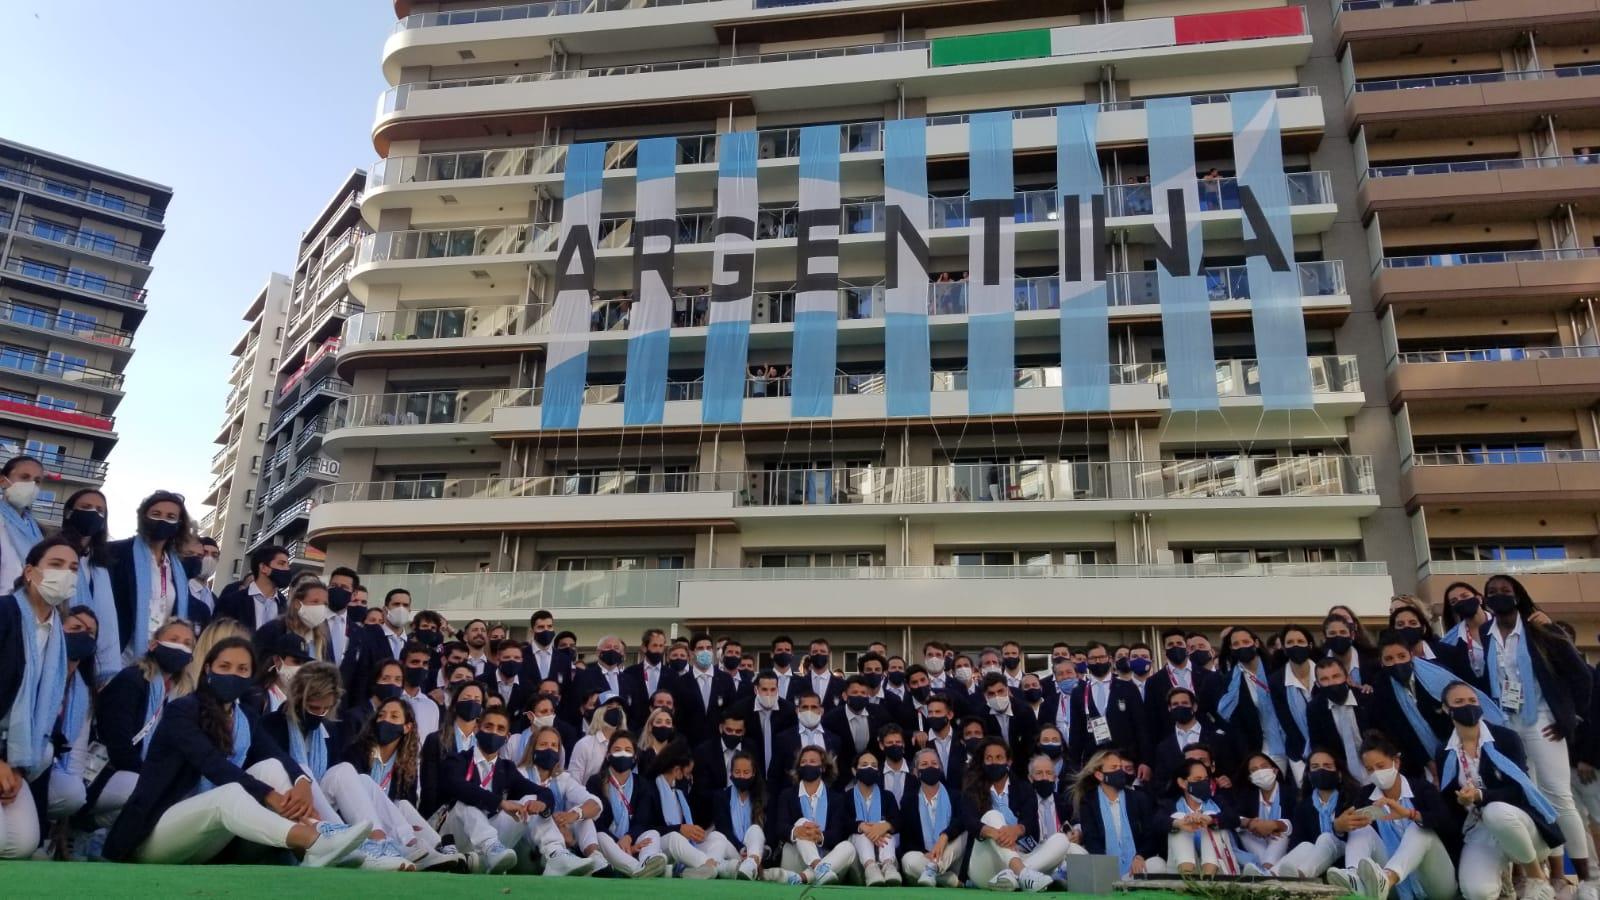 La delegación argentina inauguró los Juegos Olímpicos a puro pogo